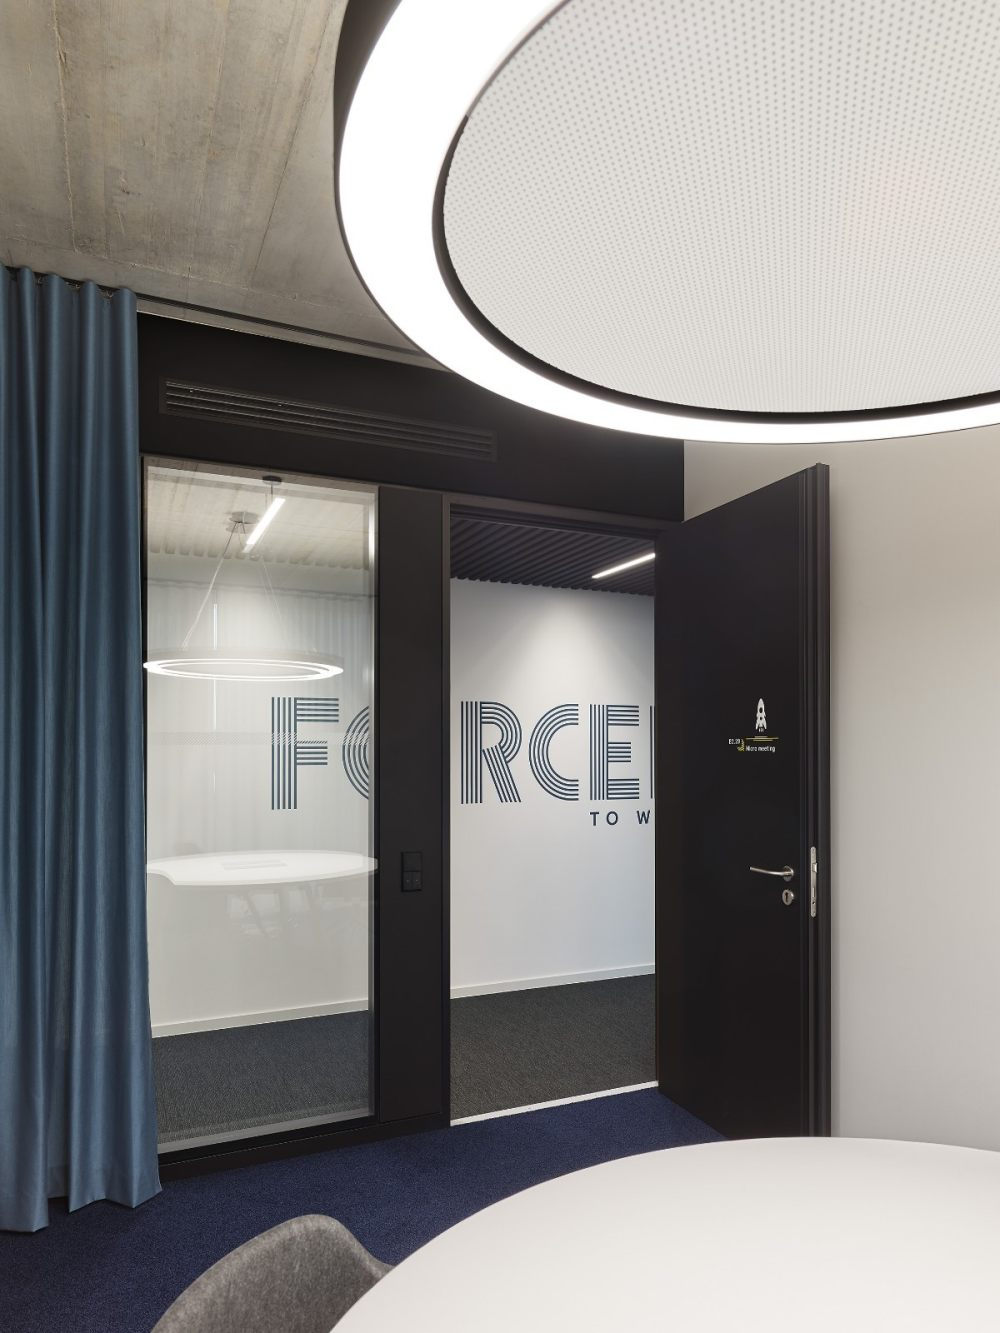 休闲工业风办公室设计_休闲工业风办公室设计7.jpg